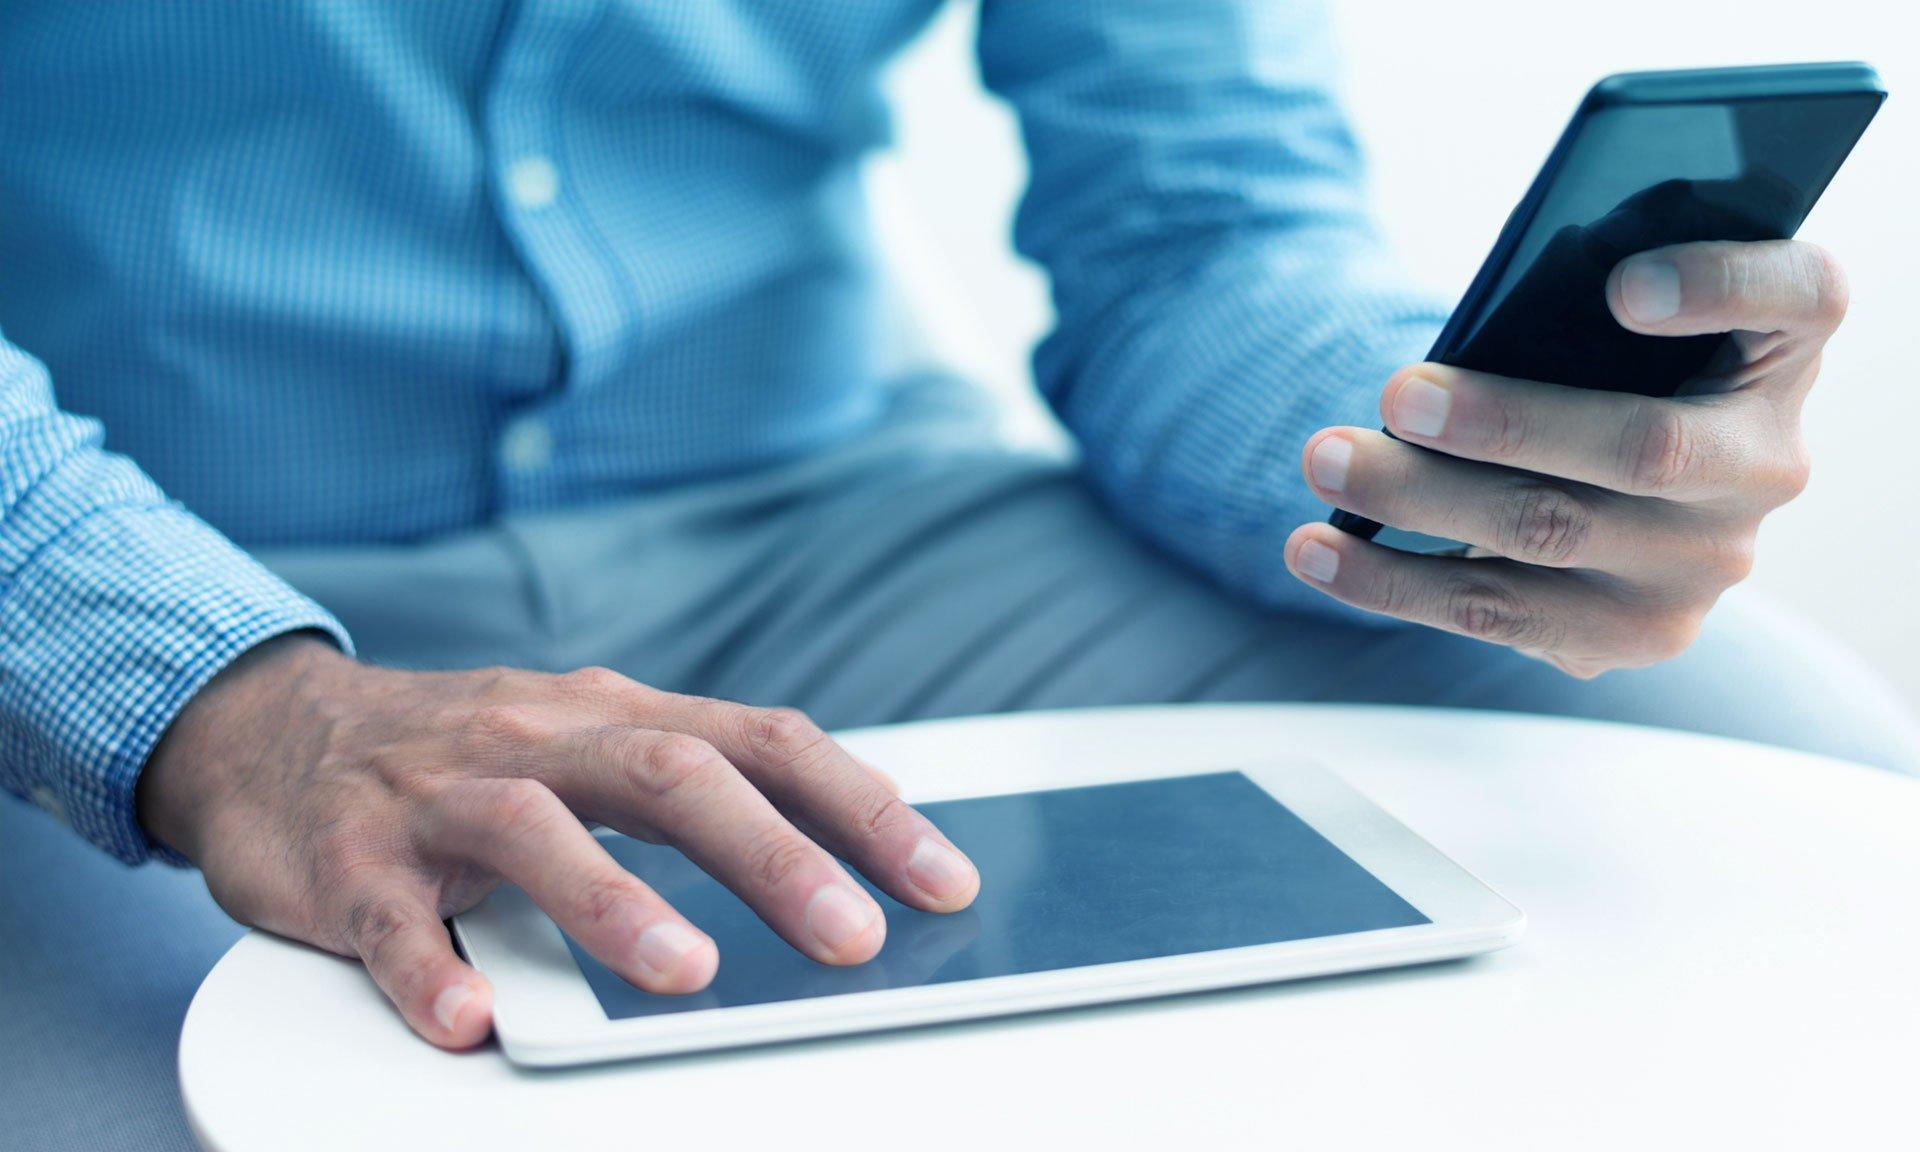 Chimpa MDM controllo e gestione dei dispositivi mobili